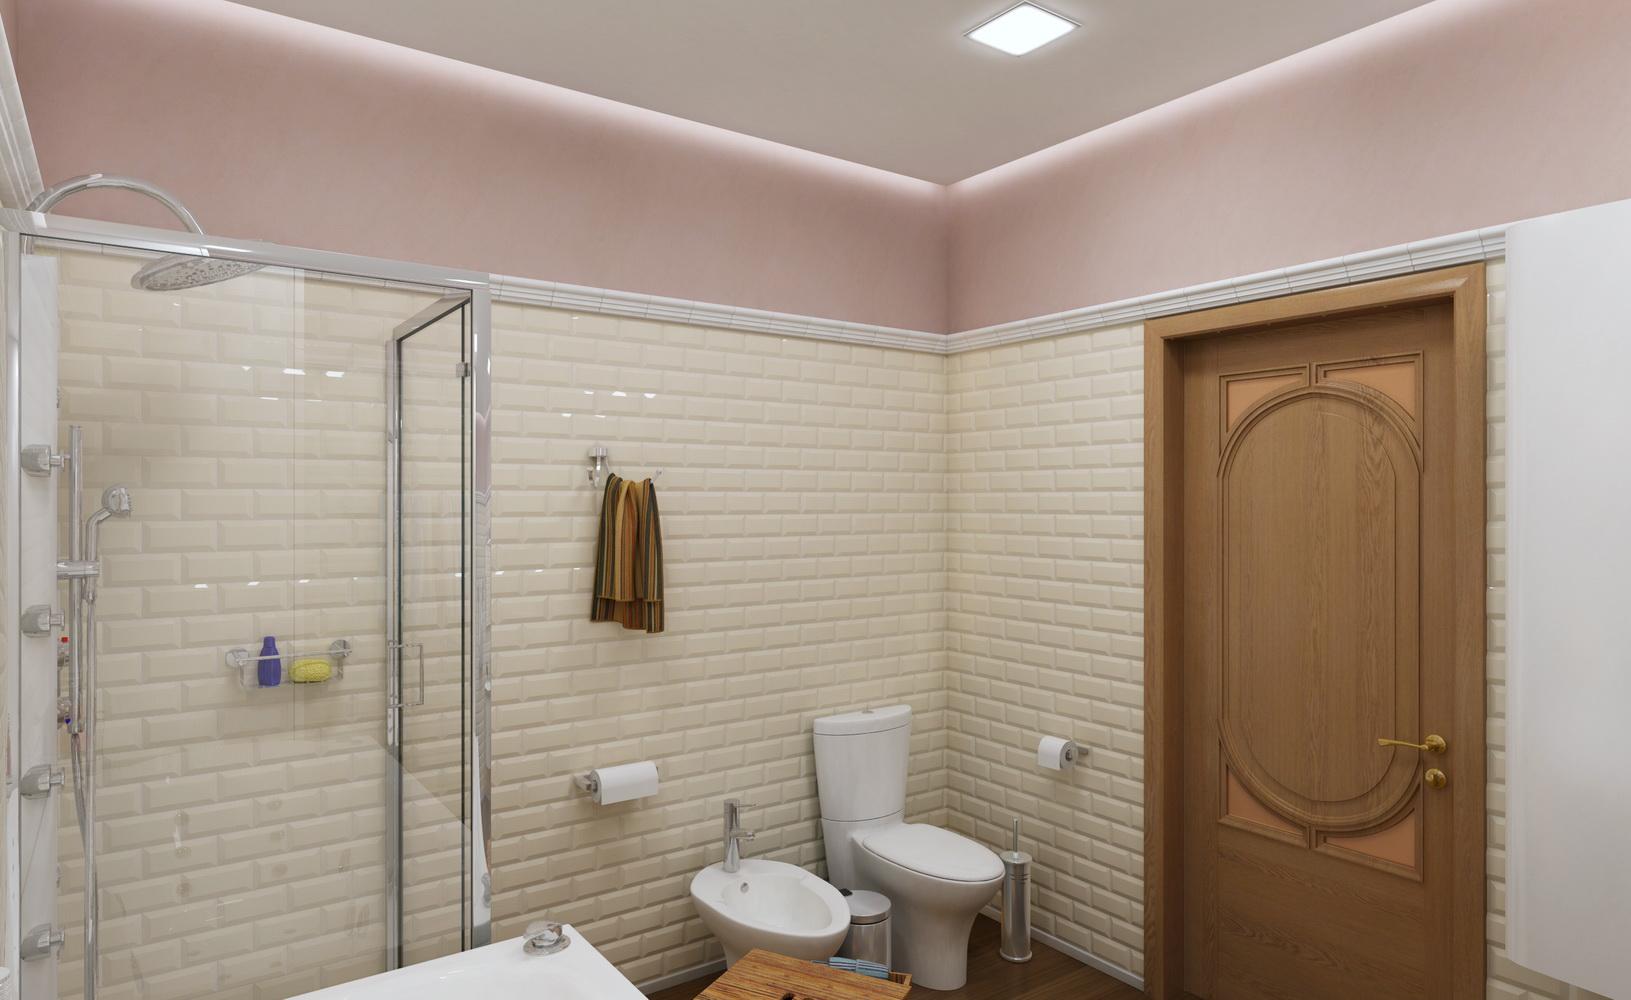 Bathroom portfolio 2015-05-30 05011000000.jpg